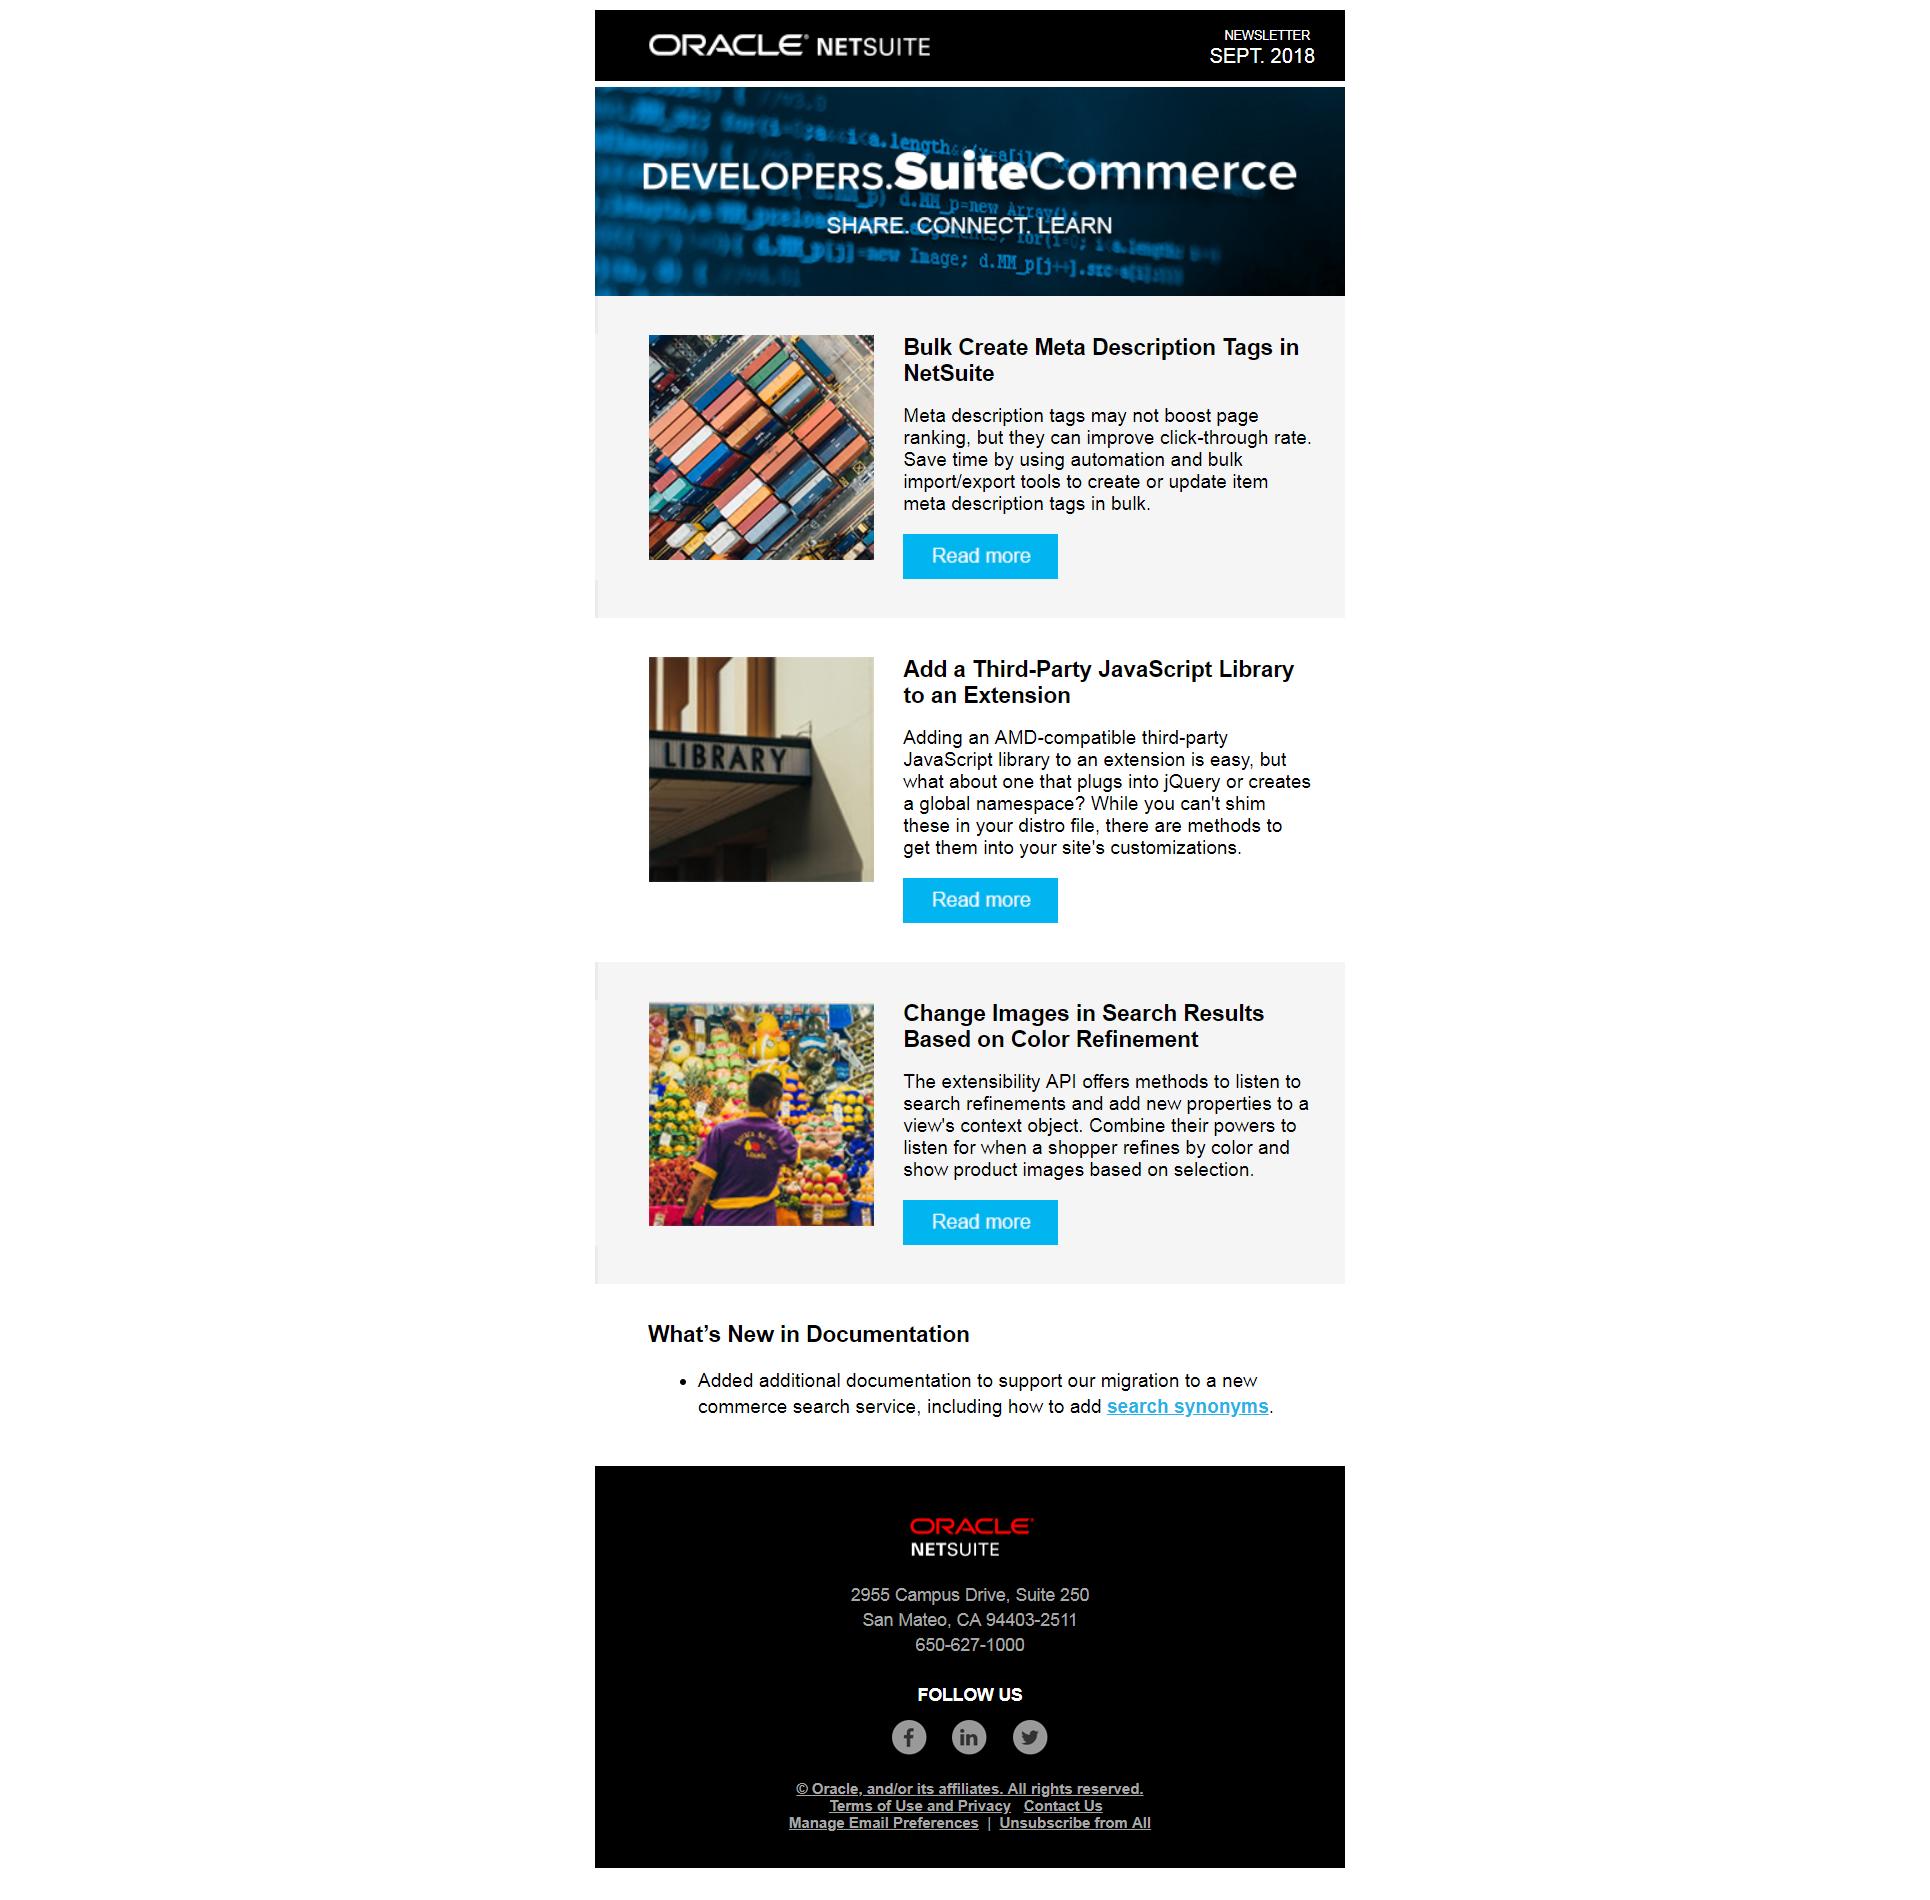 sca_newsletter